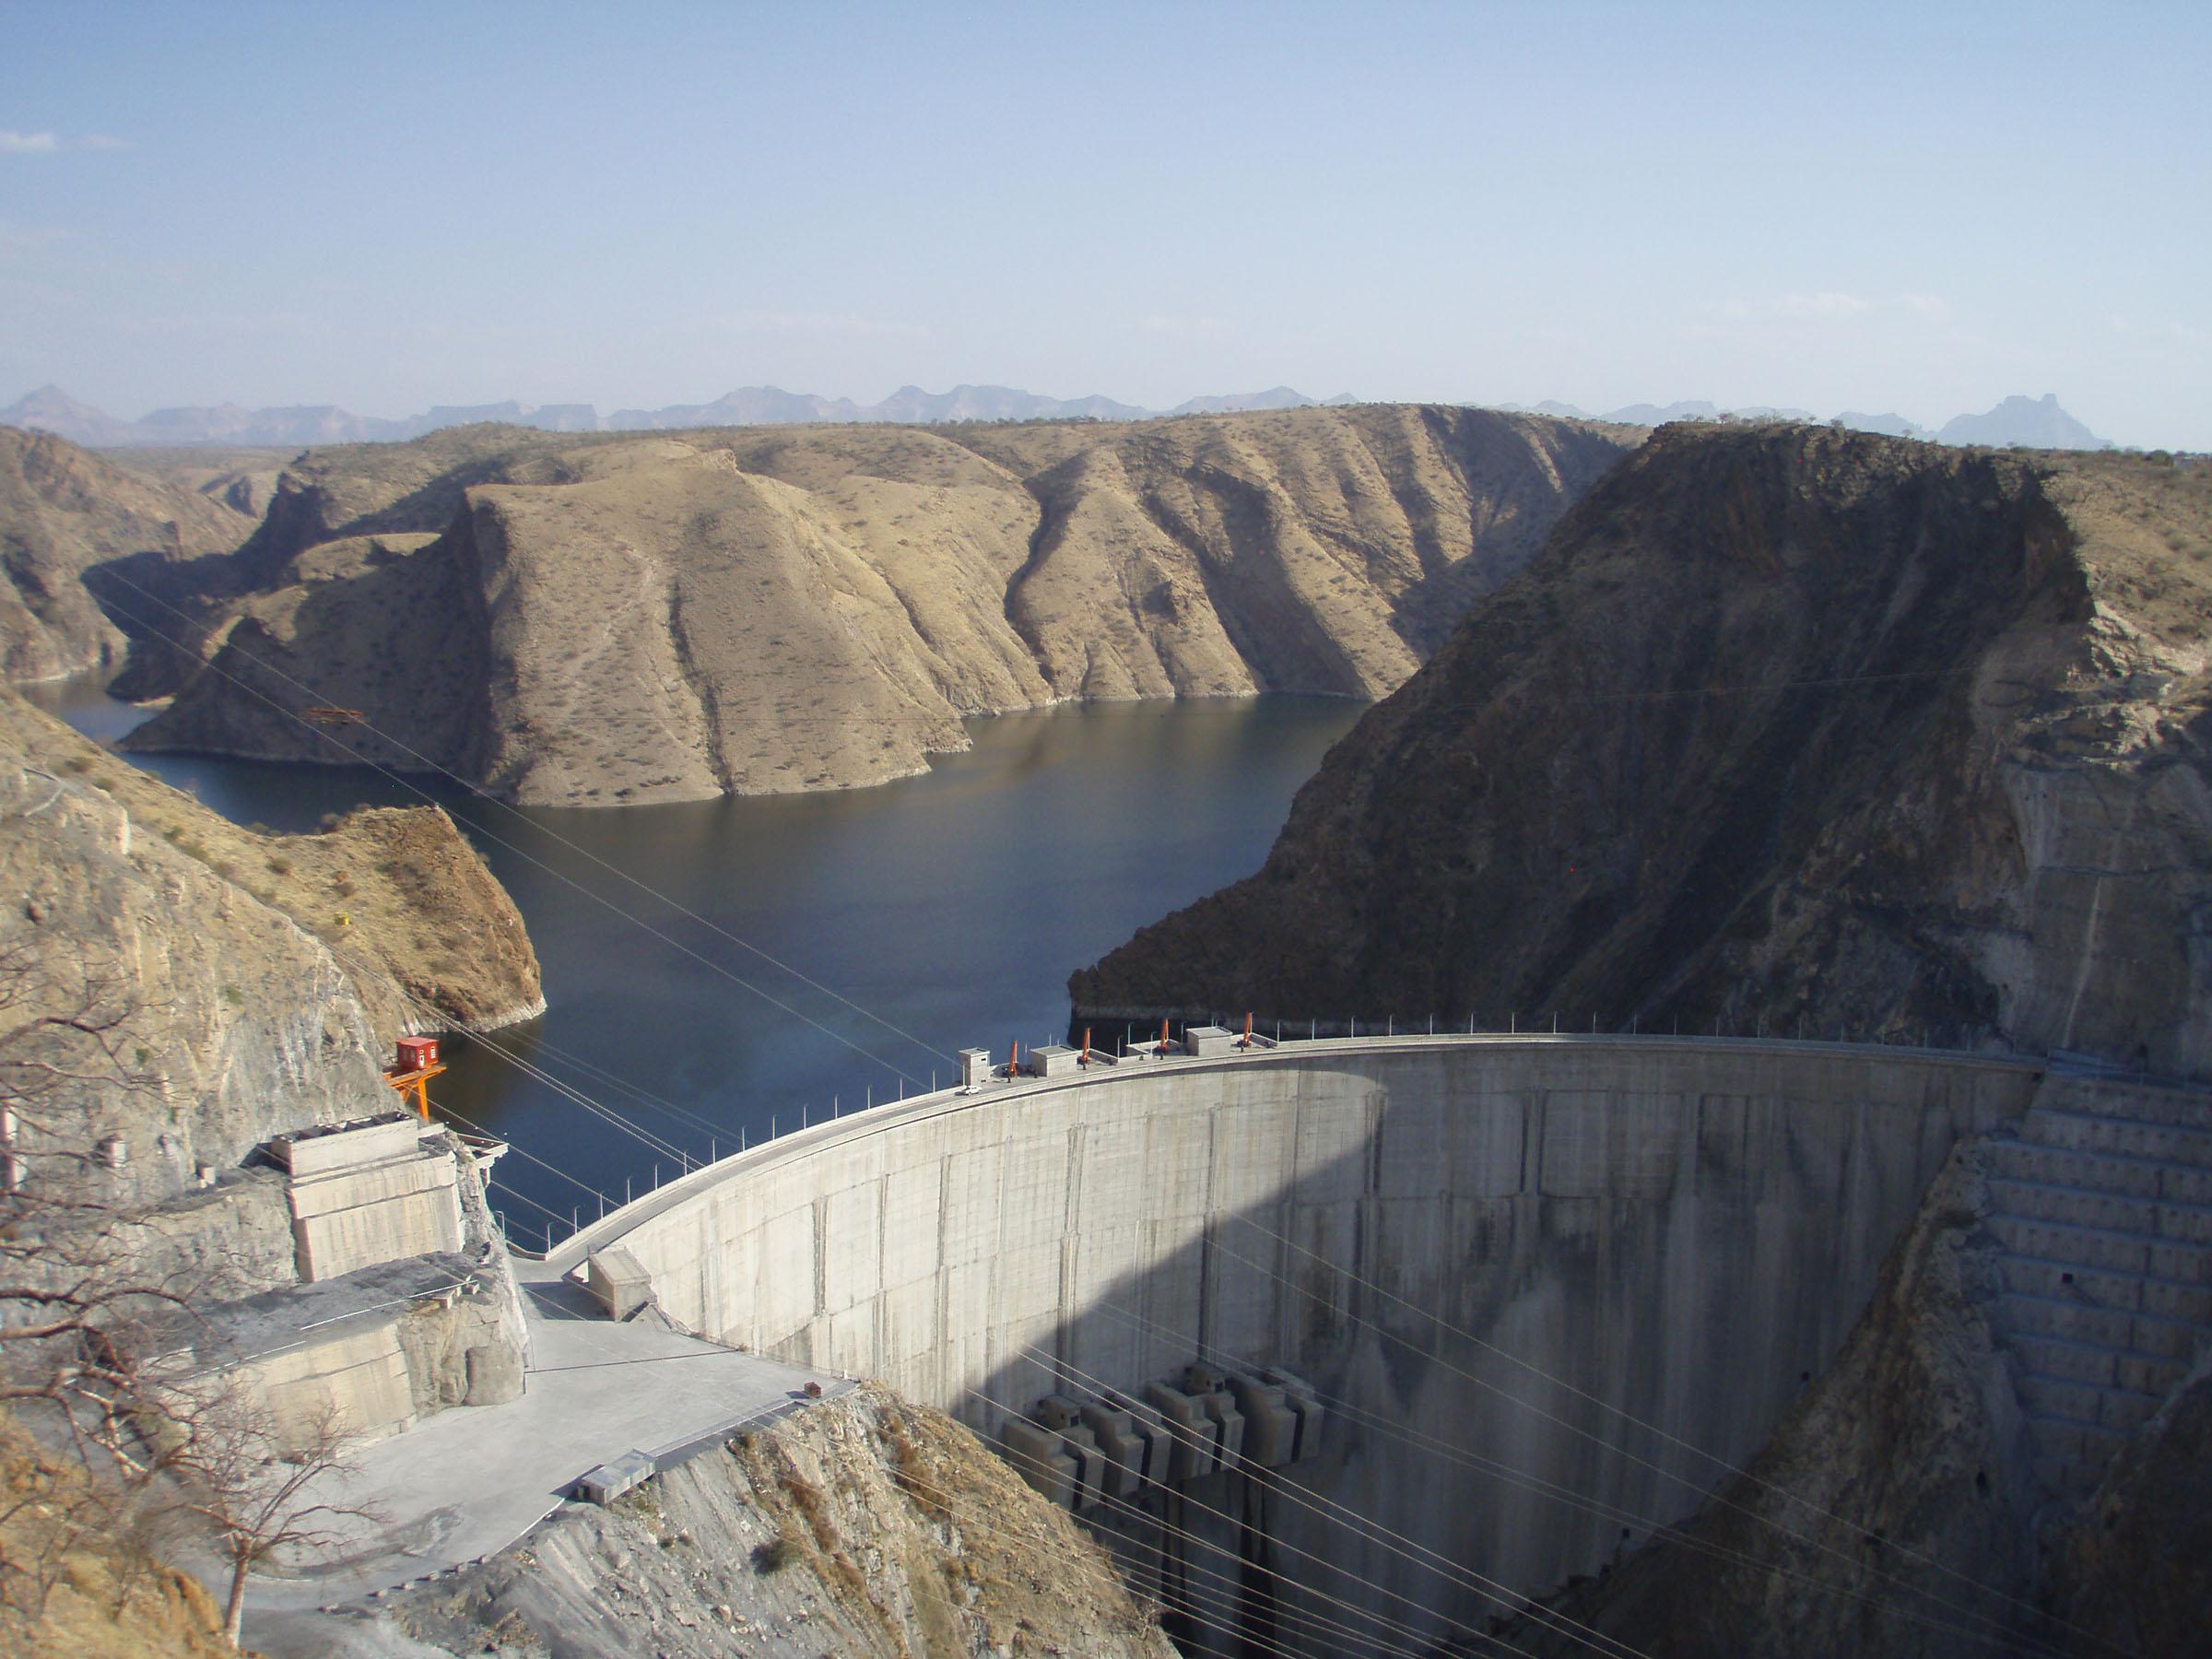 Tekeze hydroelectric project